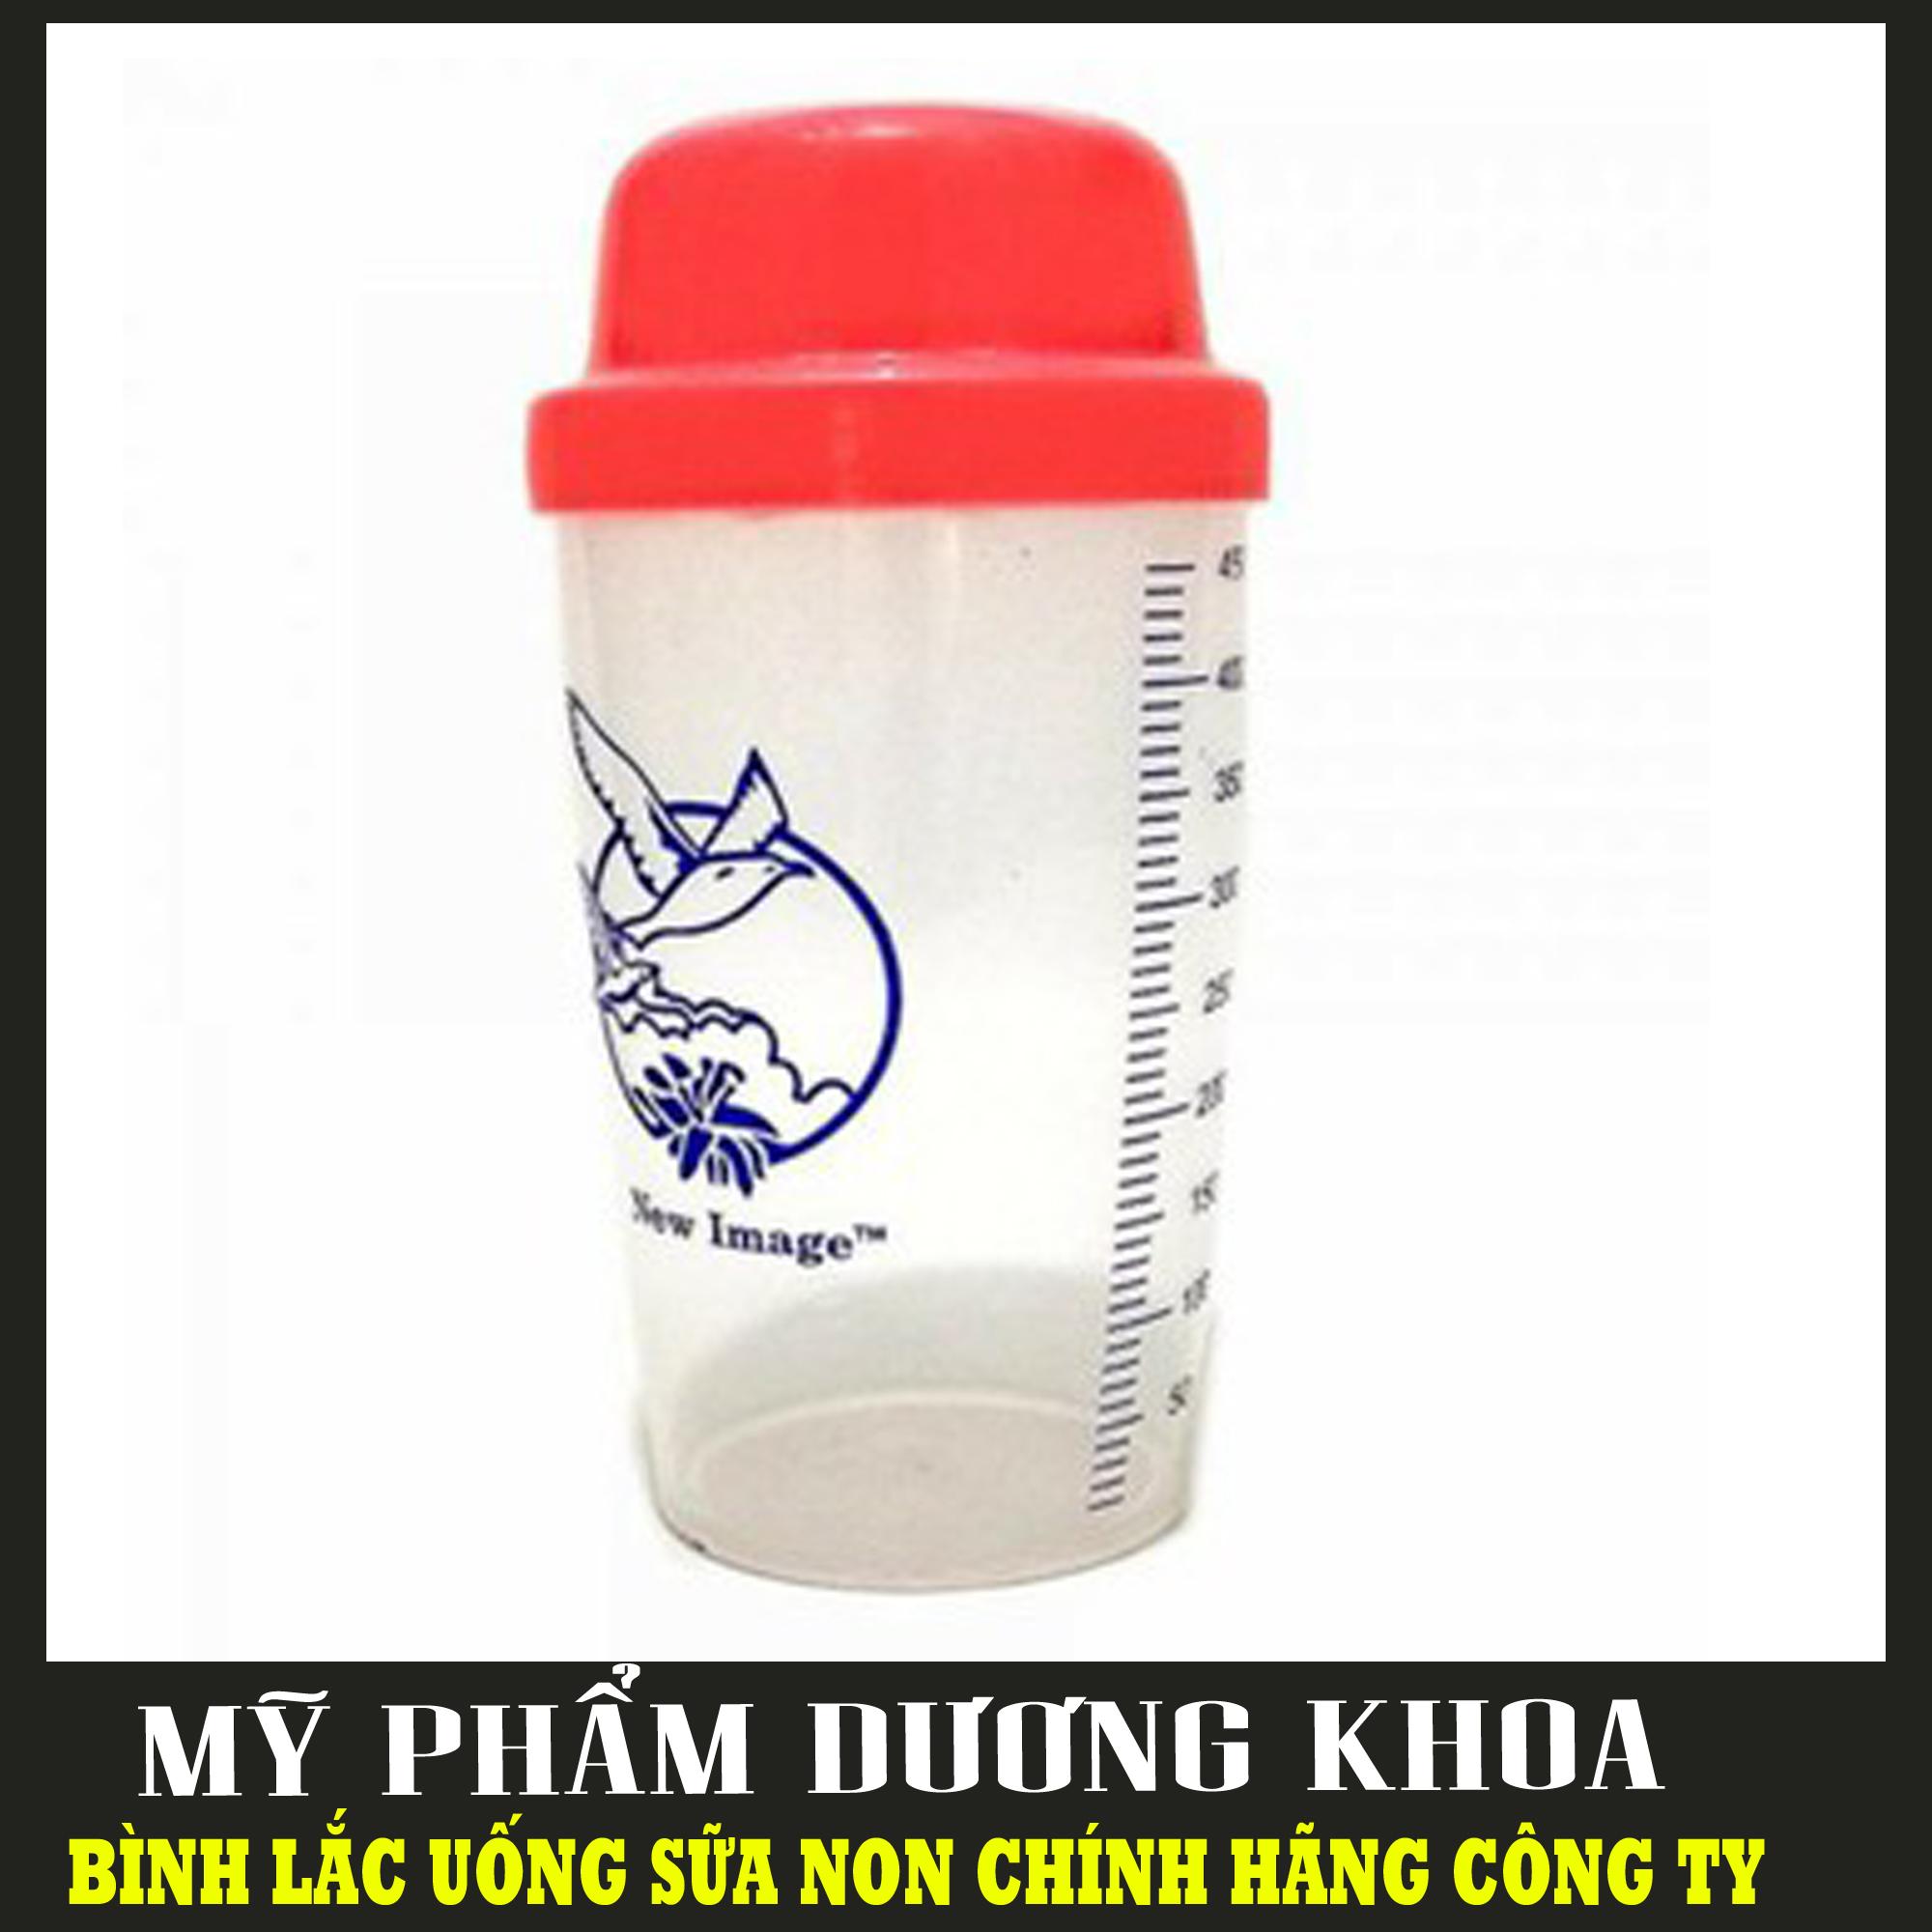 Bình lắc pha sữa non ALPHA LIPID chuẩn New Zealand không đường ít chất béo - GIÁ TỐT - Bình lắc sữa non Alpha Lipid Lifeline - nhập khẩu New Zealand